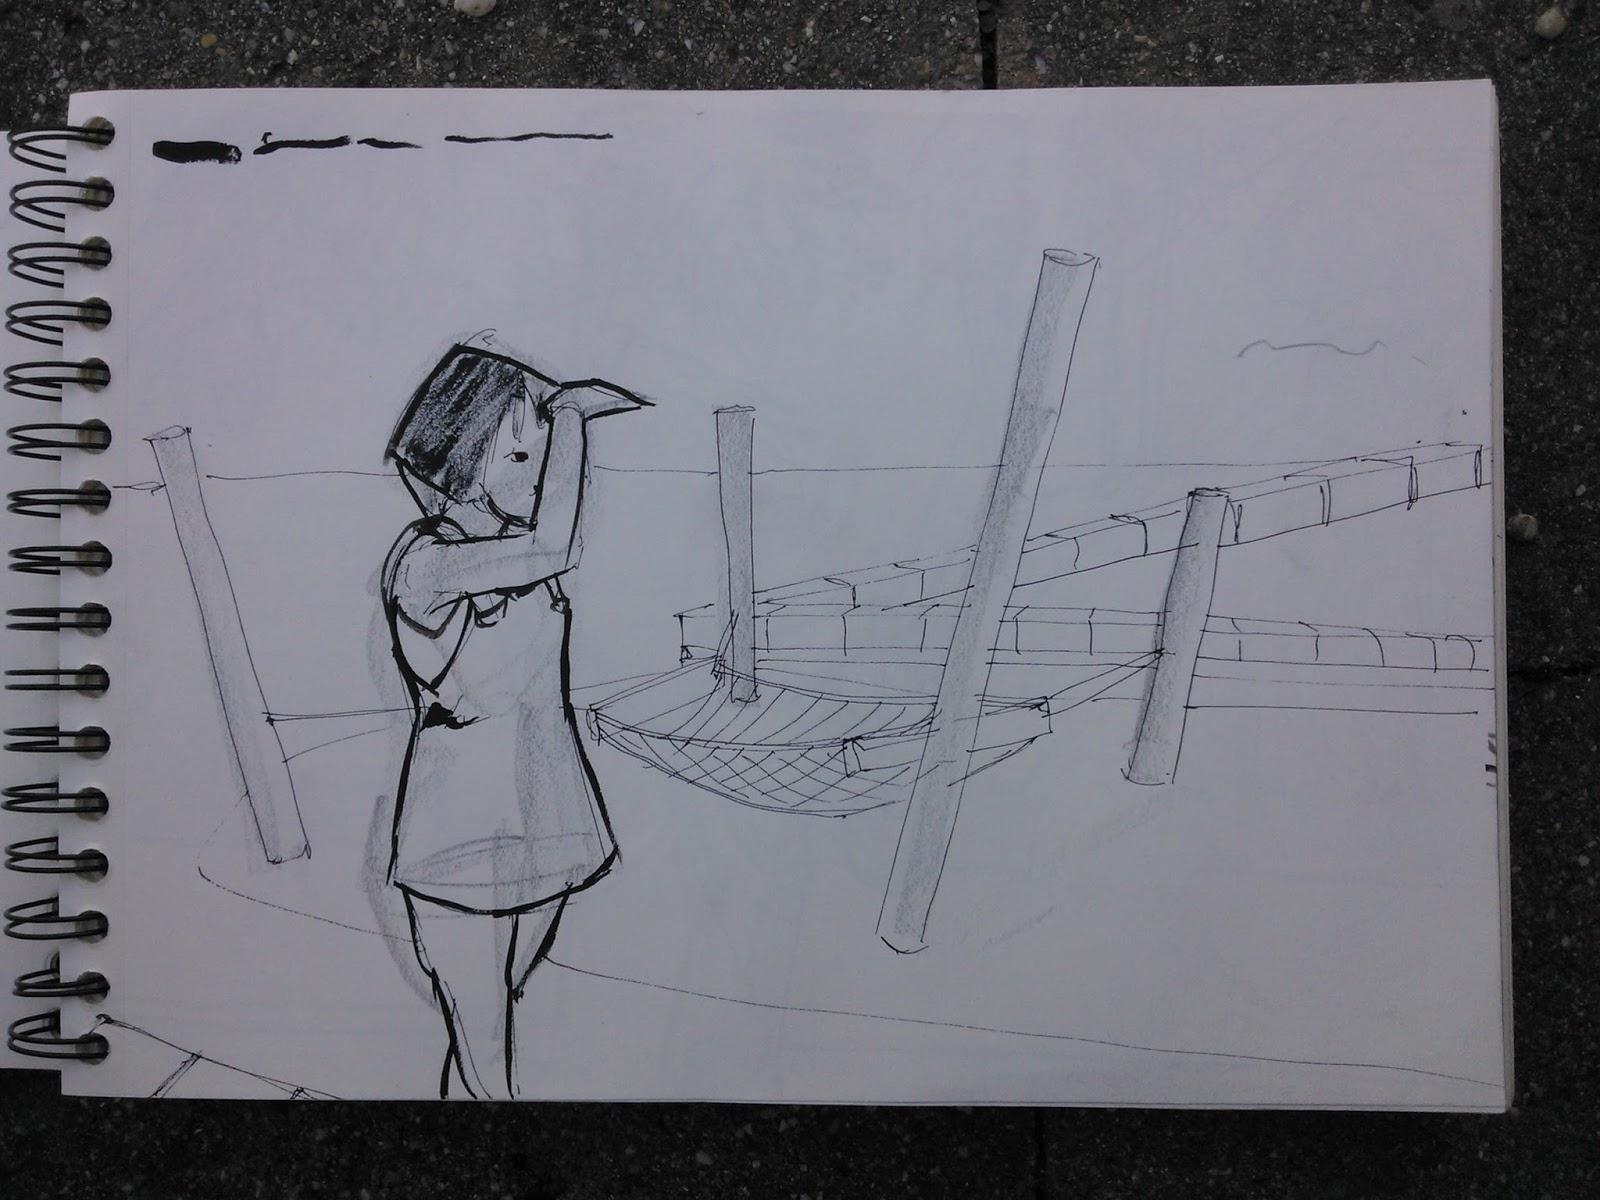 [SPOLYK] - Geometries & sketches WP_000312